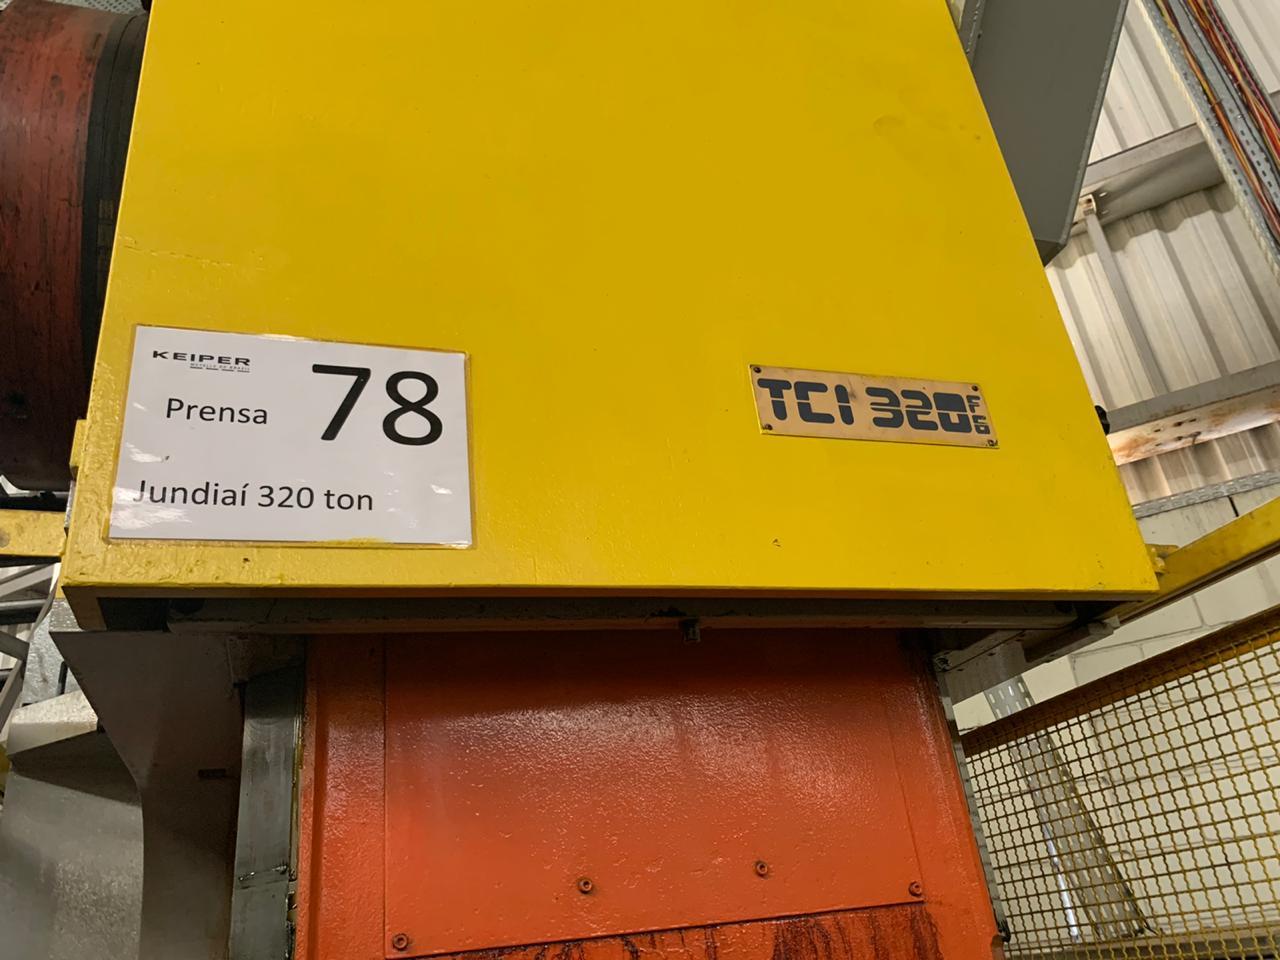 Prensa Excêntrica Jundiaí 320 ton  #10-1278  - AEG Comercial